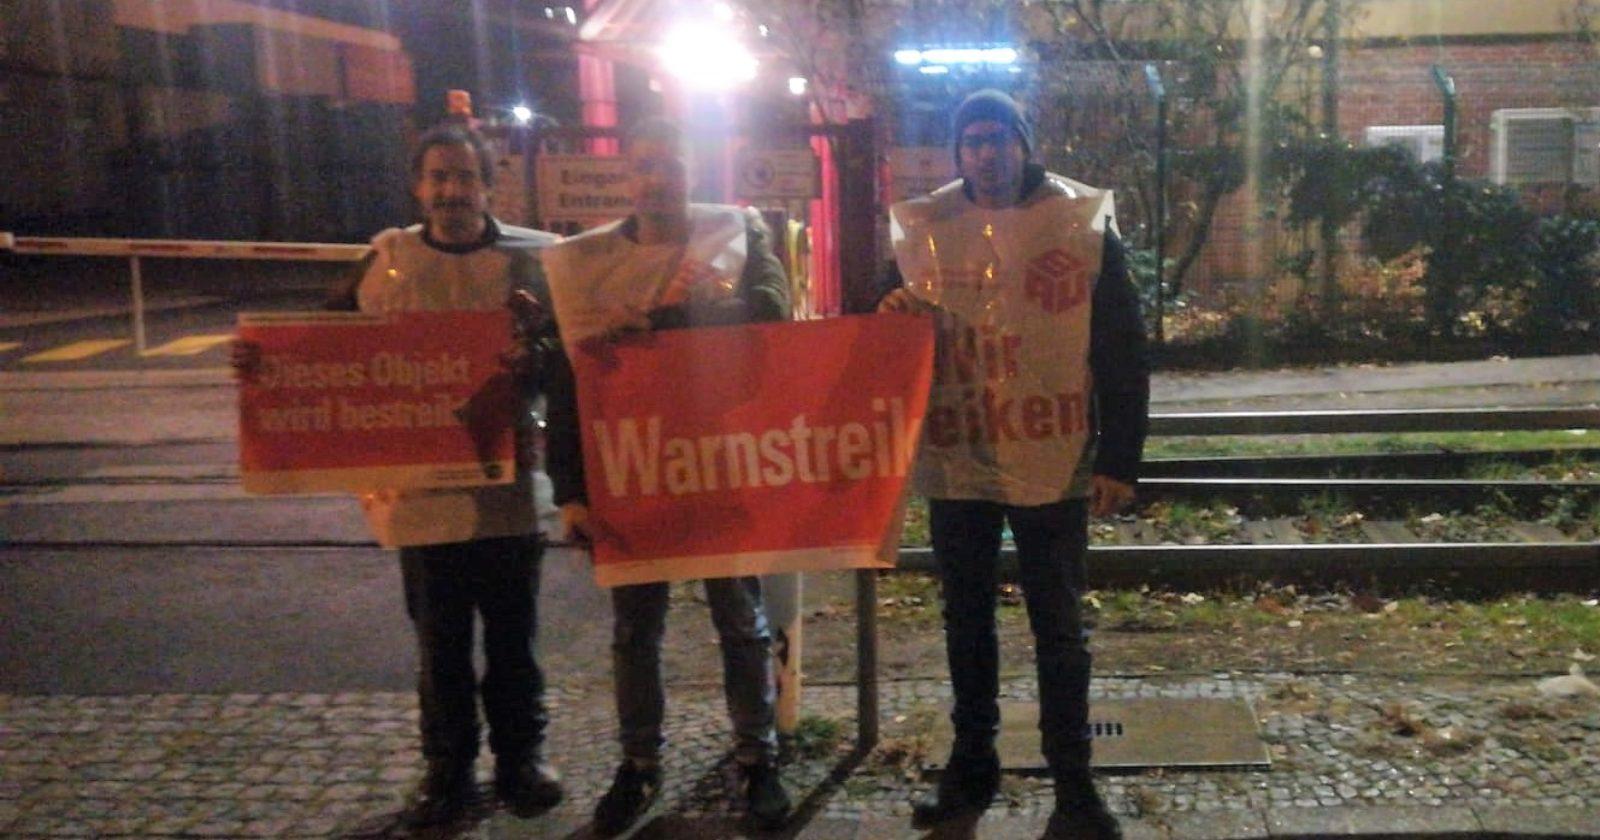 Kampf um Anerkennung – Nachtschicht von Piepenbrock in der Jacobs Douwe Egberts –Kafferösterei Berlin streikt